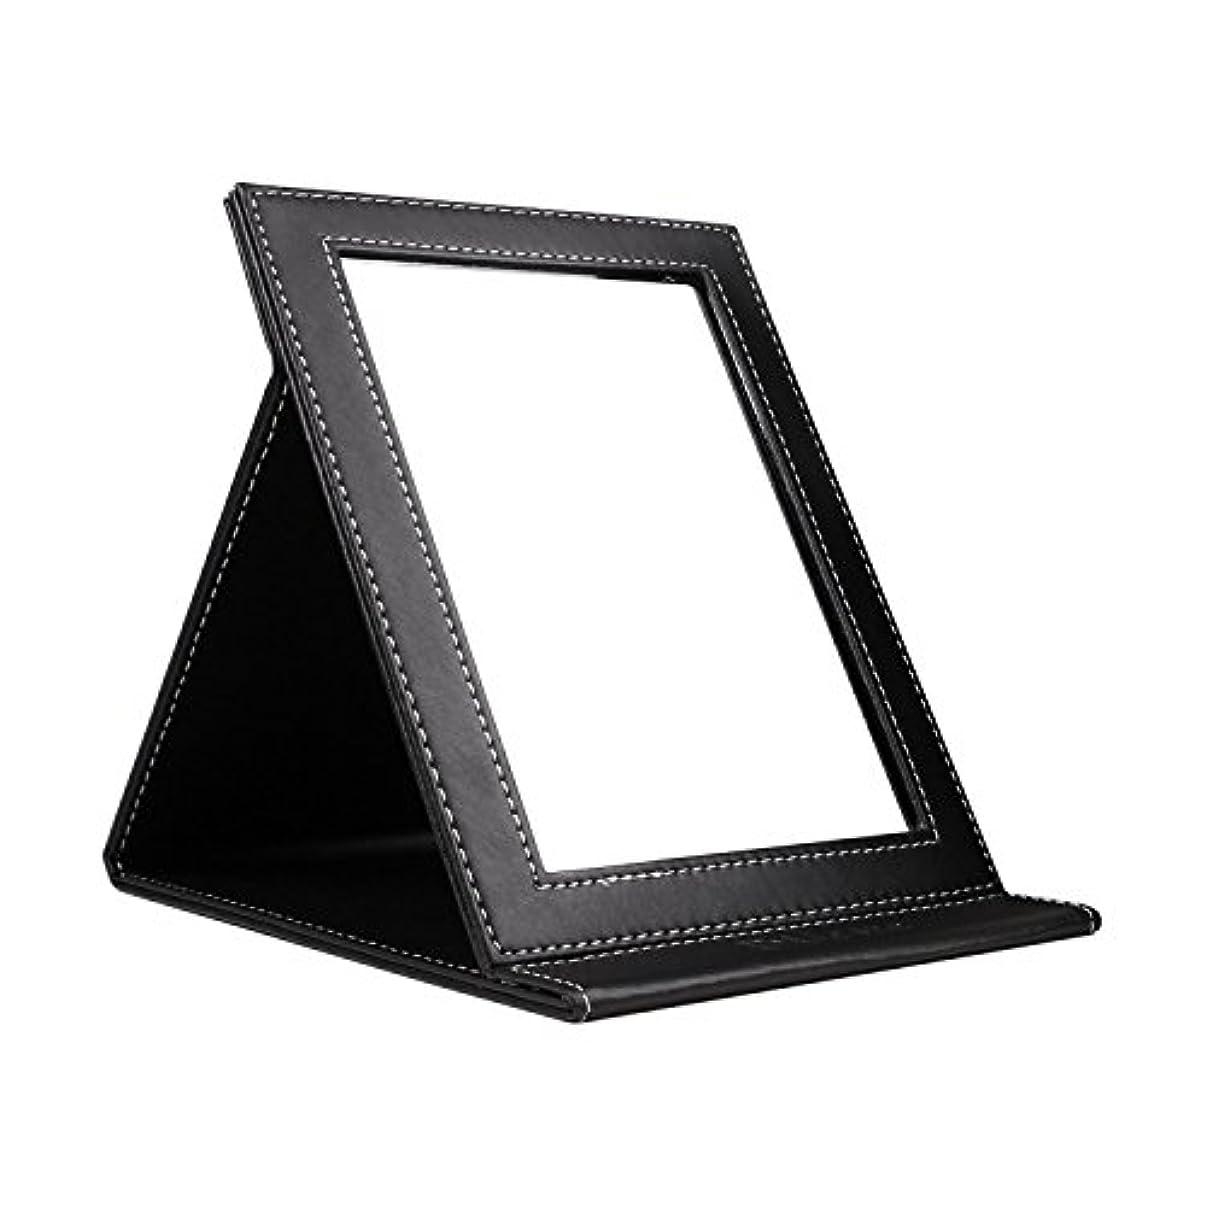 やる加速するイブニングDUcare ドゥケア 化粧鏡 スタンドミラー 折りたたみ式 角度調整自由自在 上質PUレザー使用